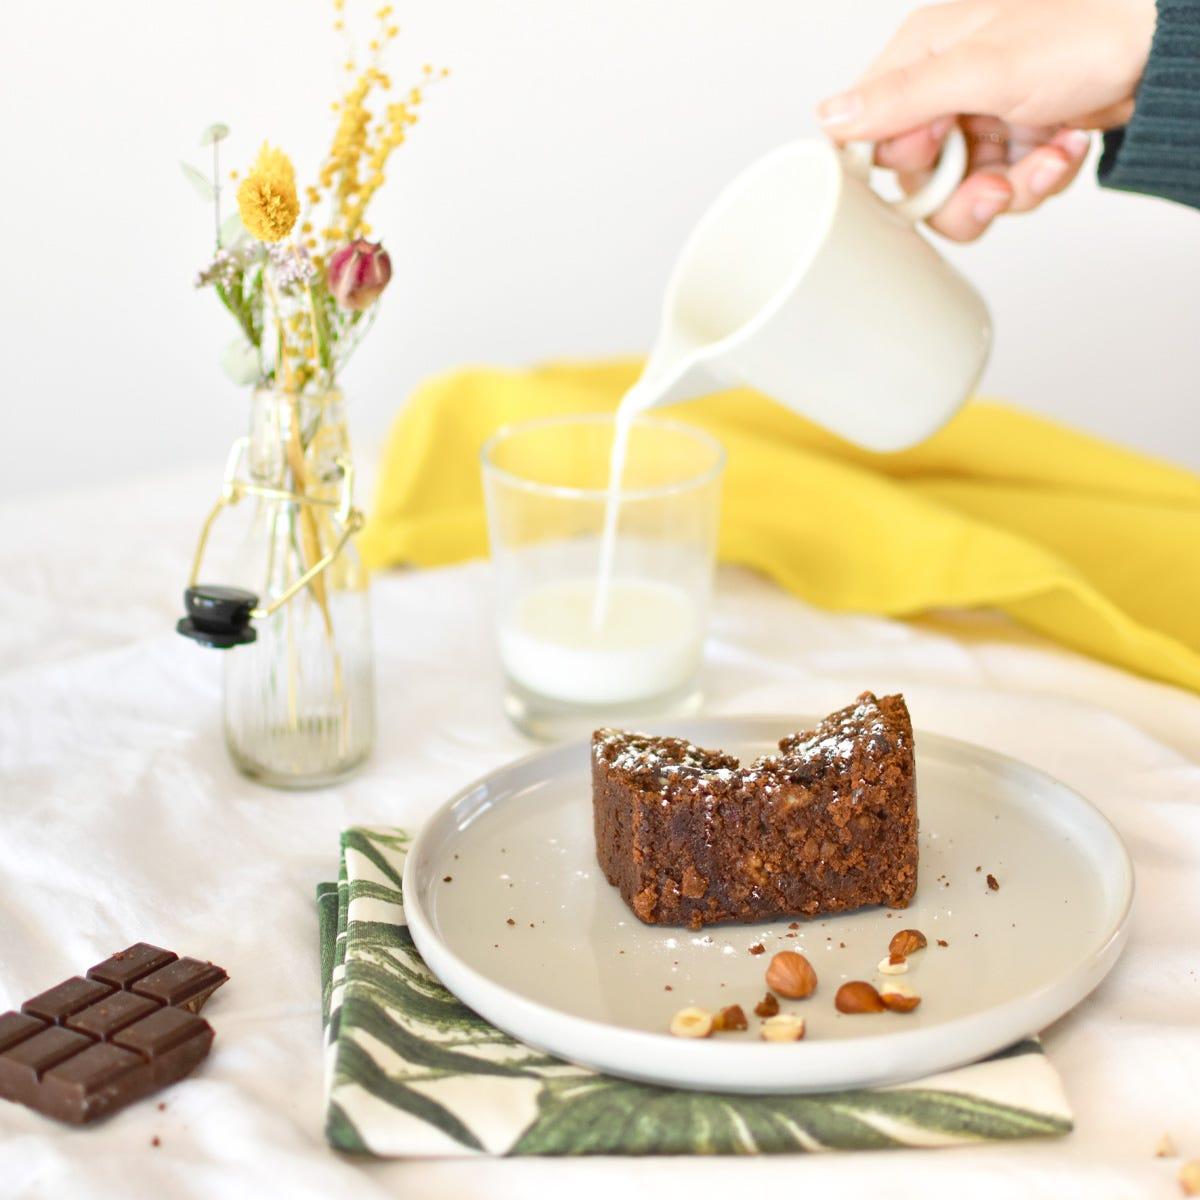 Chocolate is always a good idea!